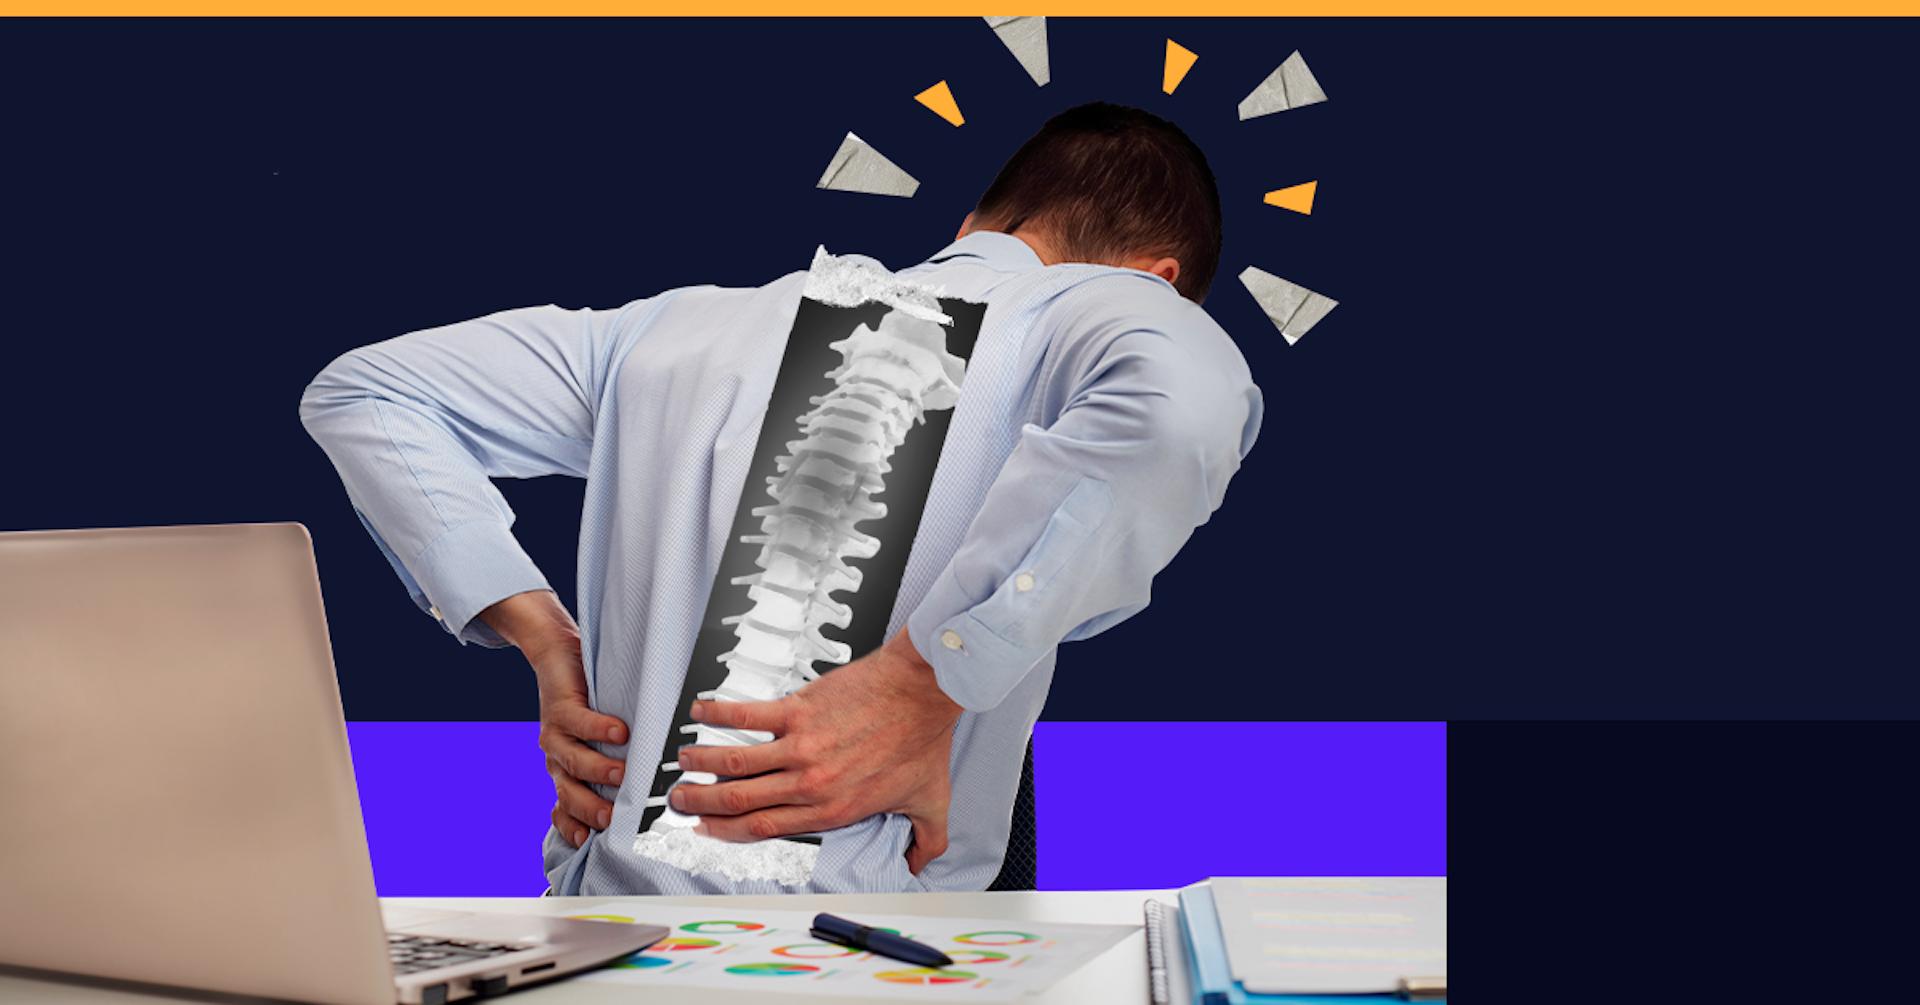 ¿Cómo evitar los riesgos ergonómicos del trabajo remoto?